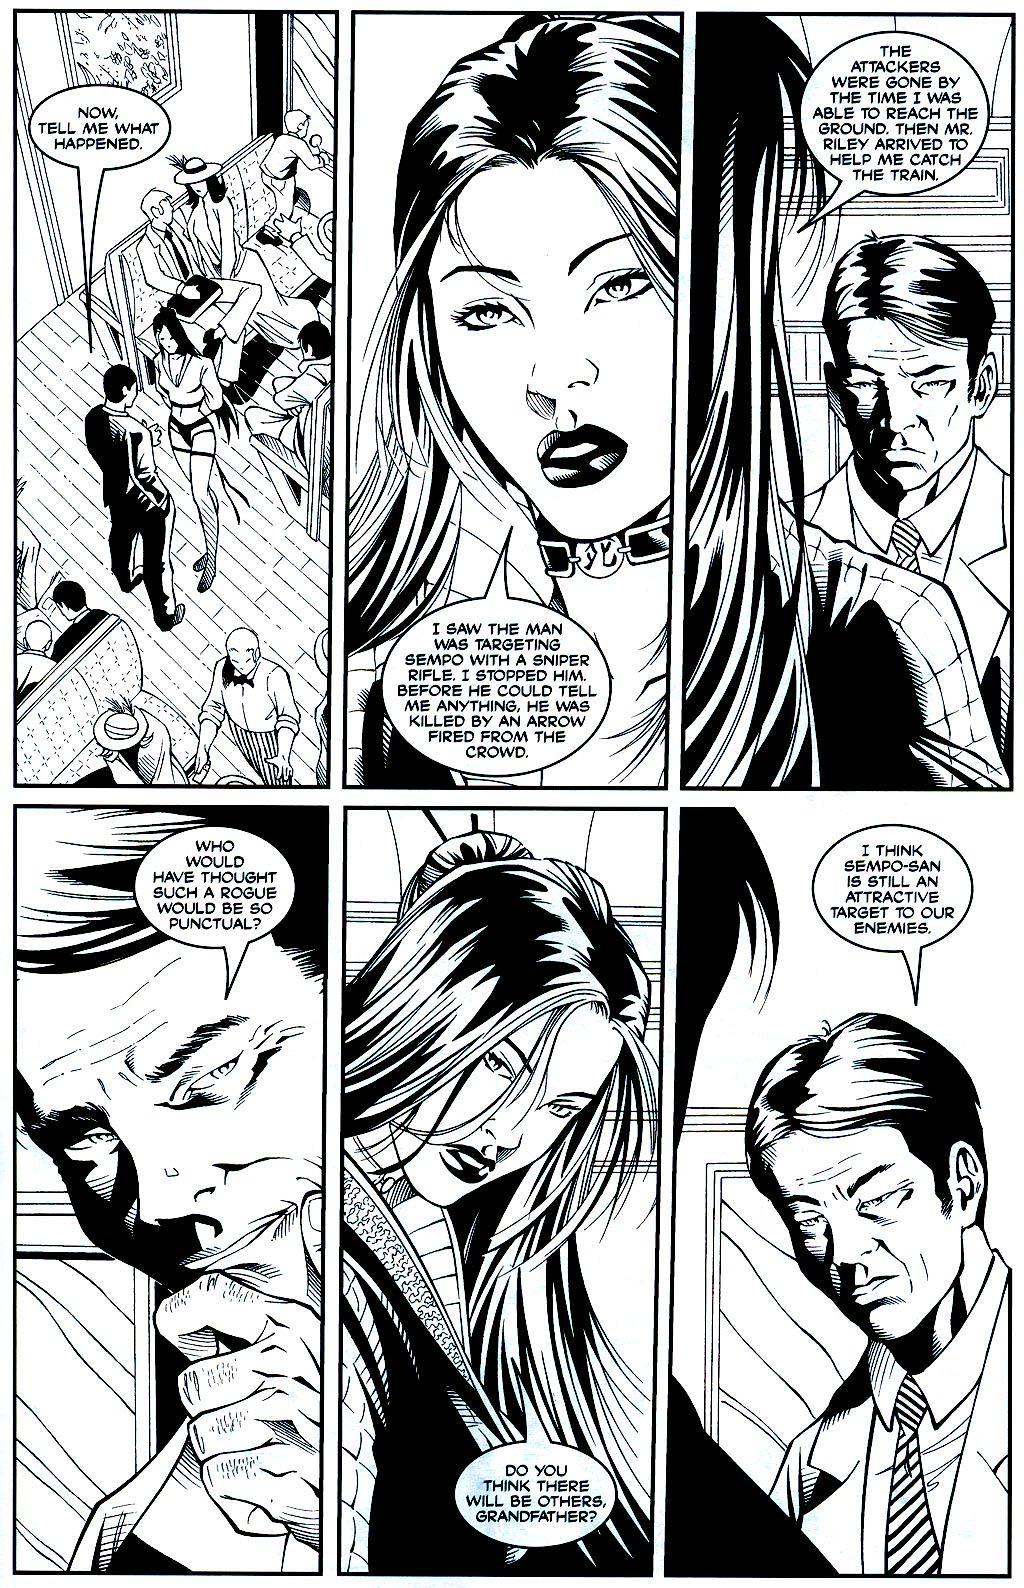 Read online Shi: Sempo comic -  Issue #1 - 18